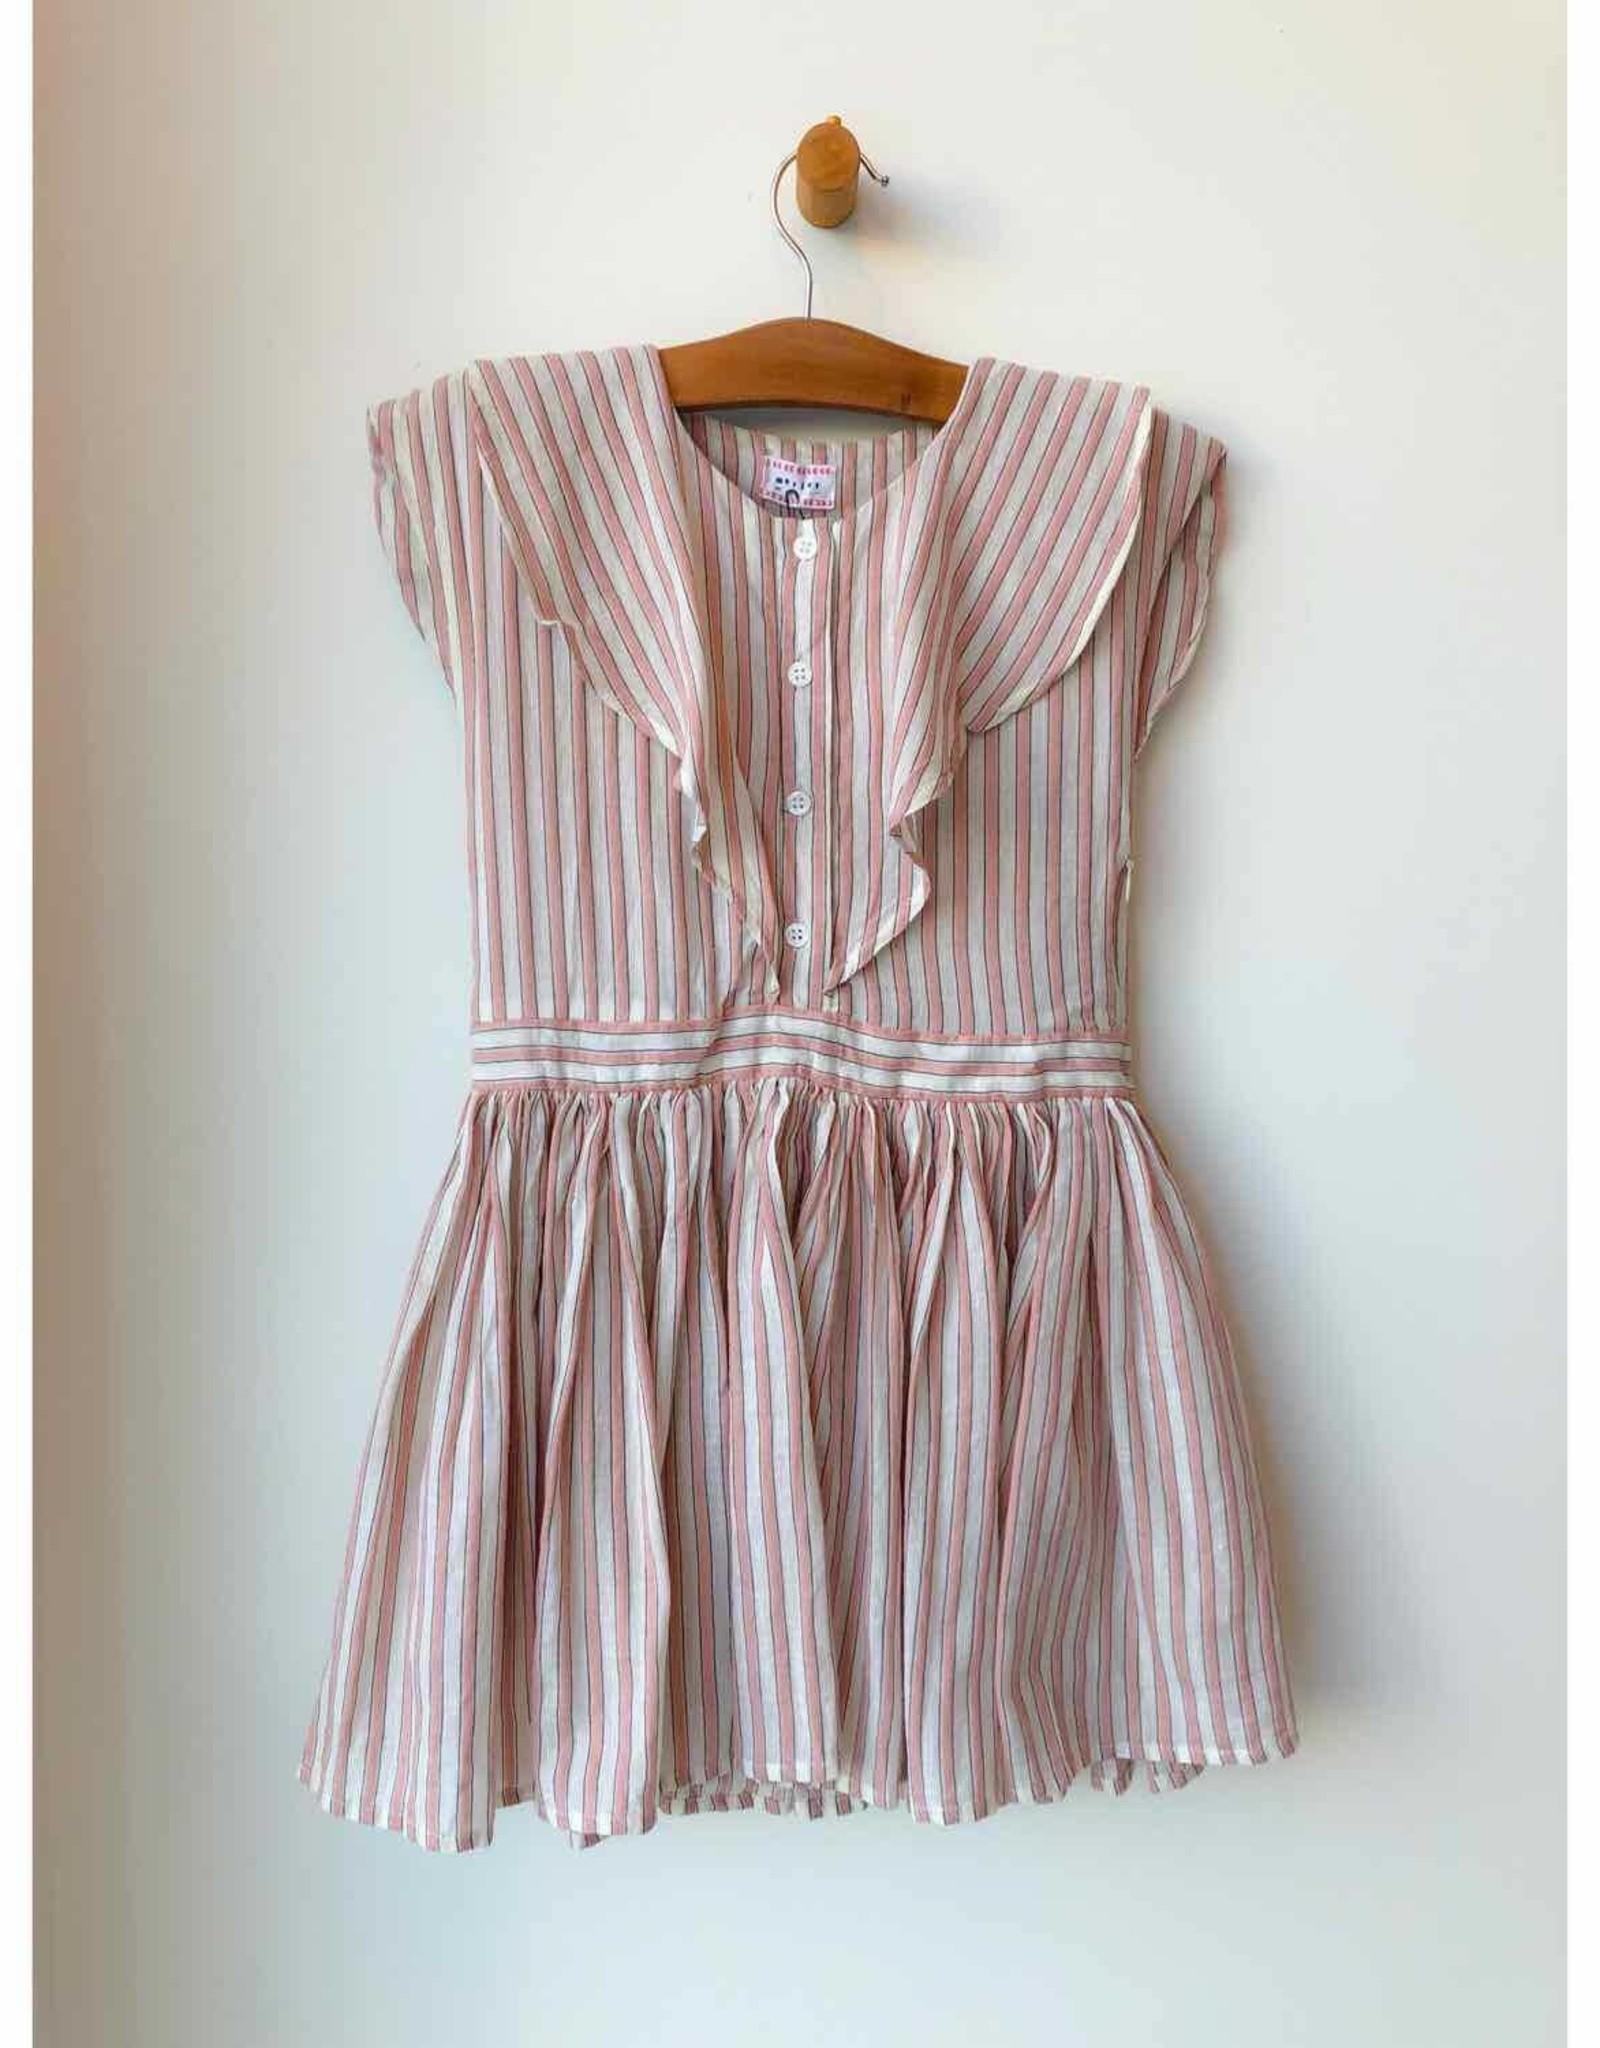 Juju dress